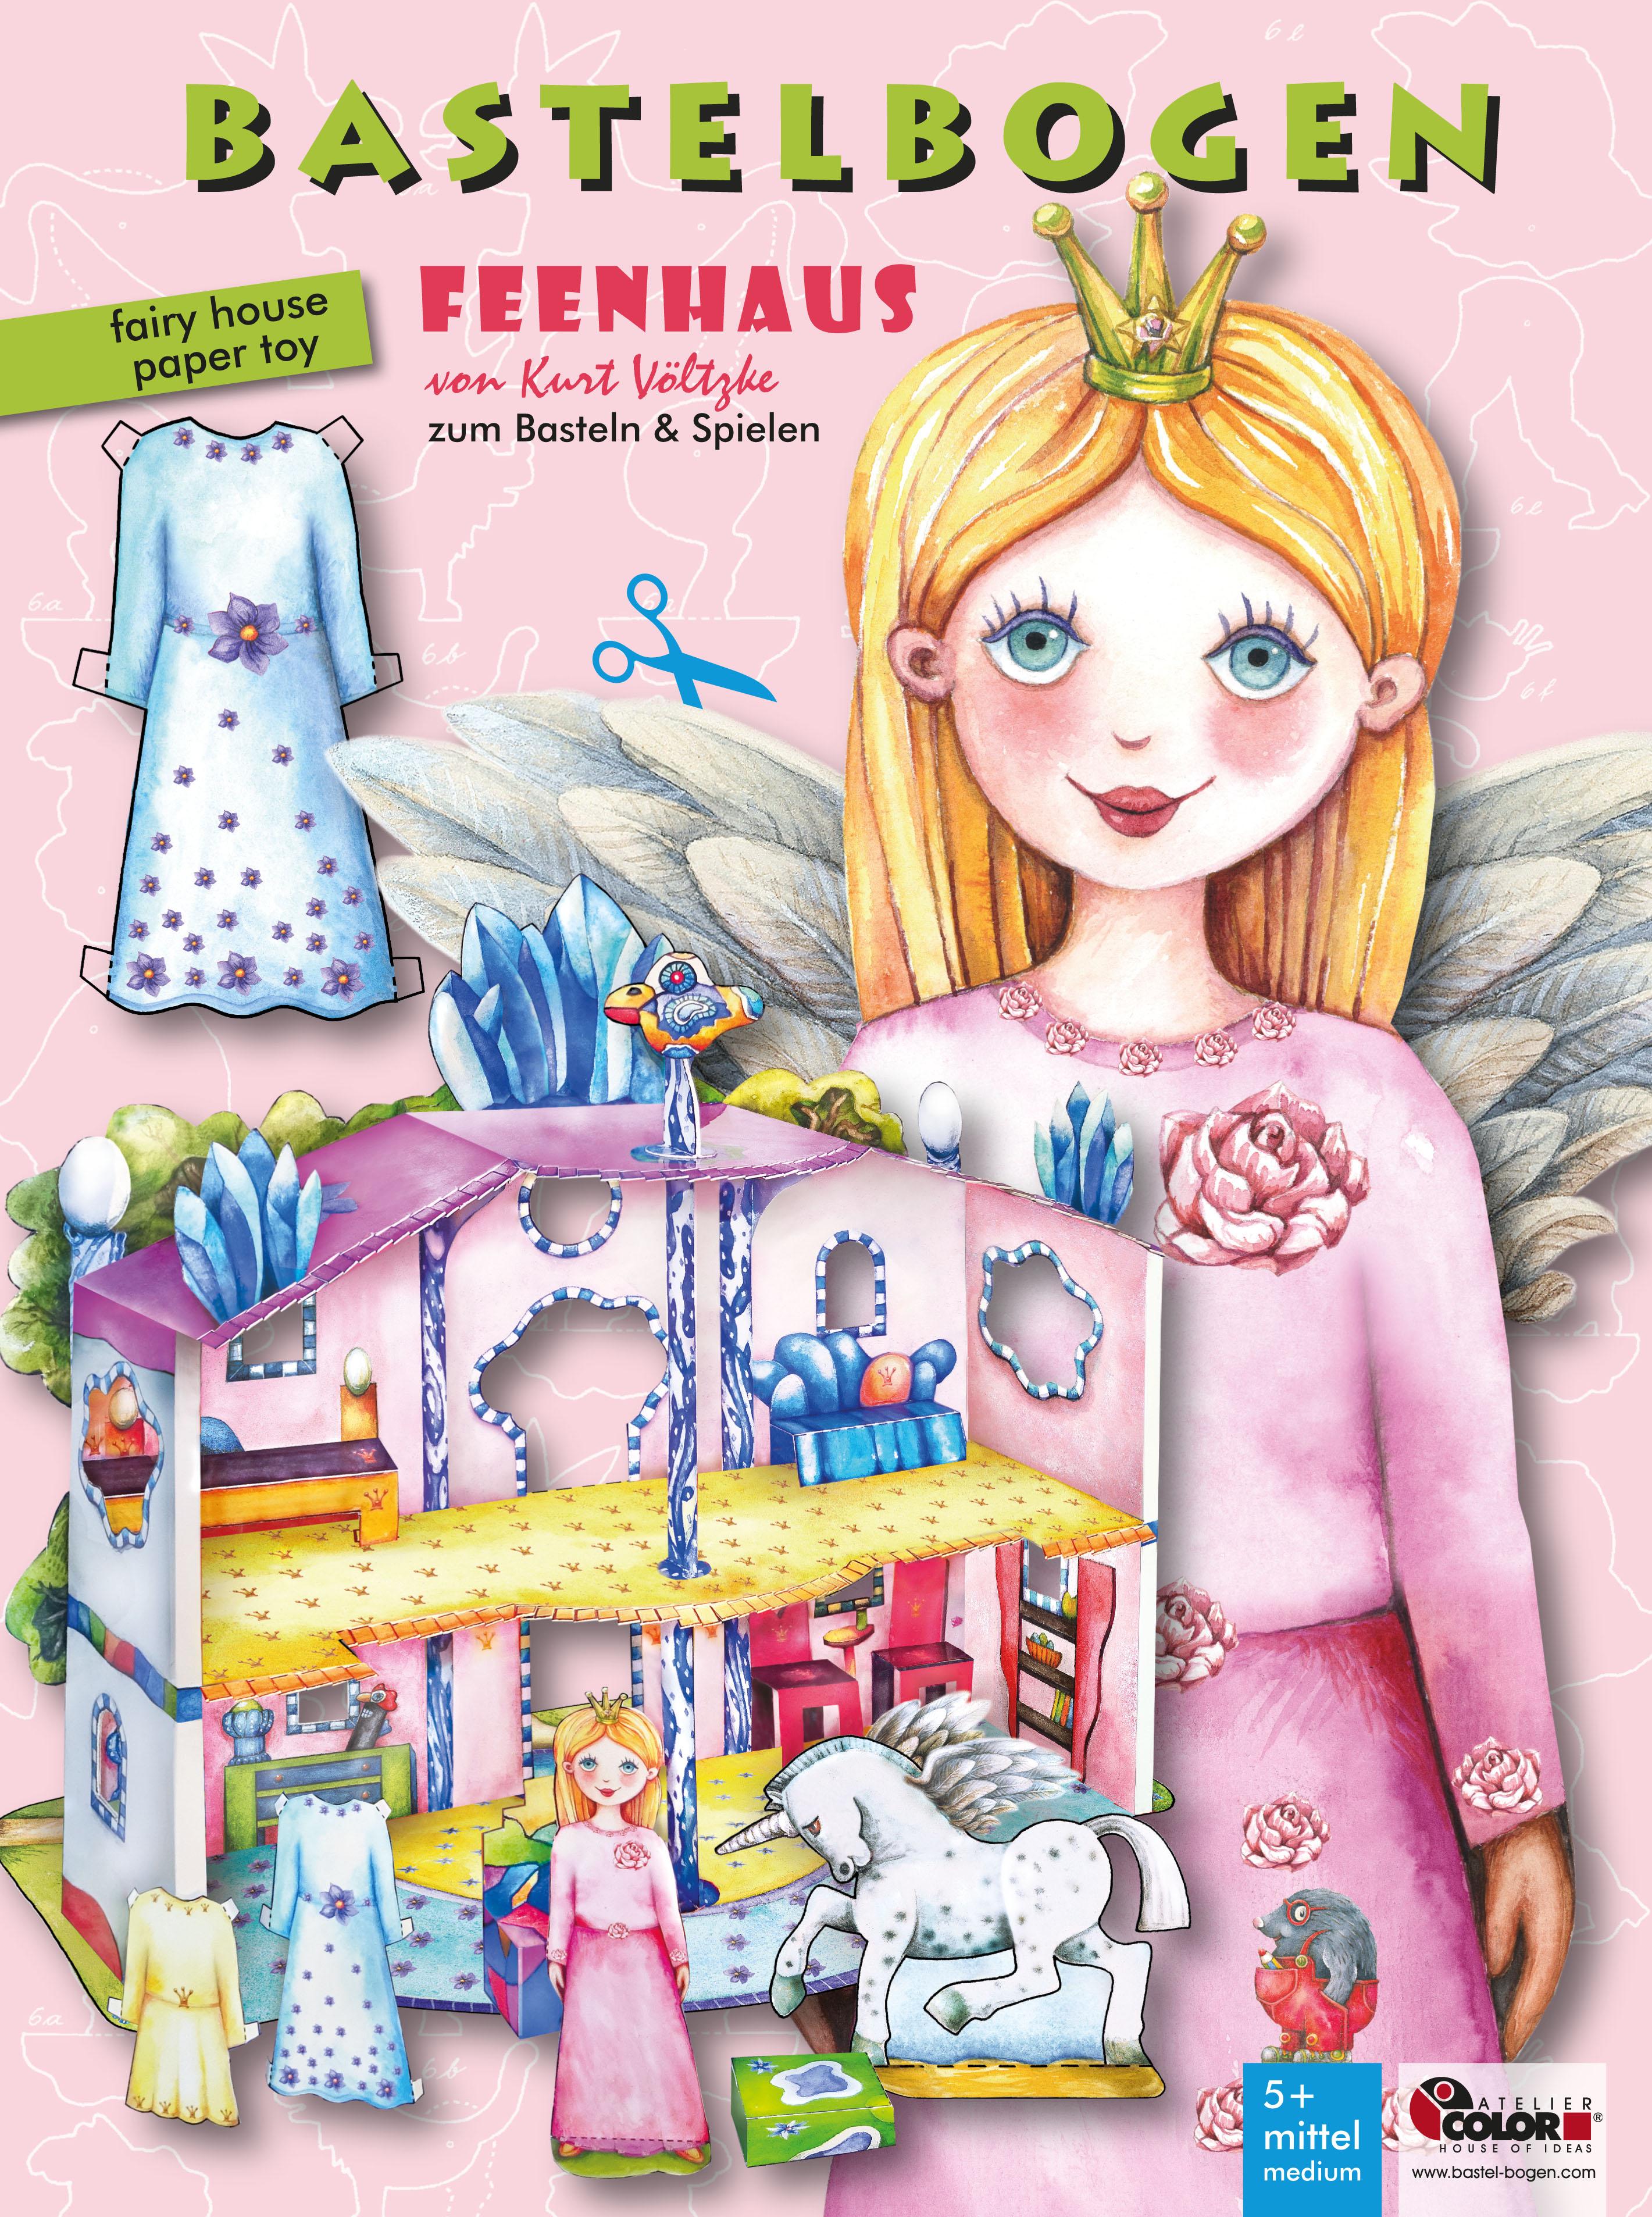 Feenhaus Bastelbogen Puppenhaus aus Papier zu Basteln